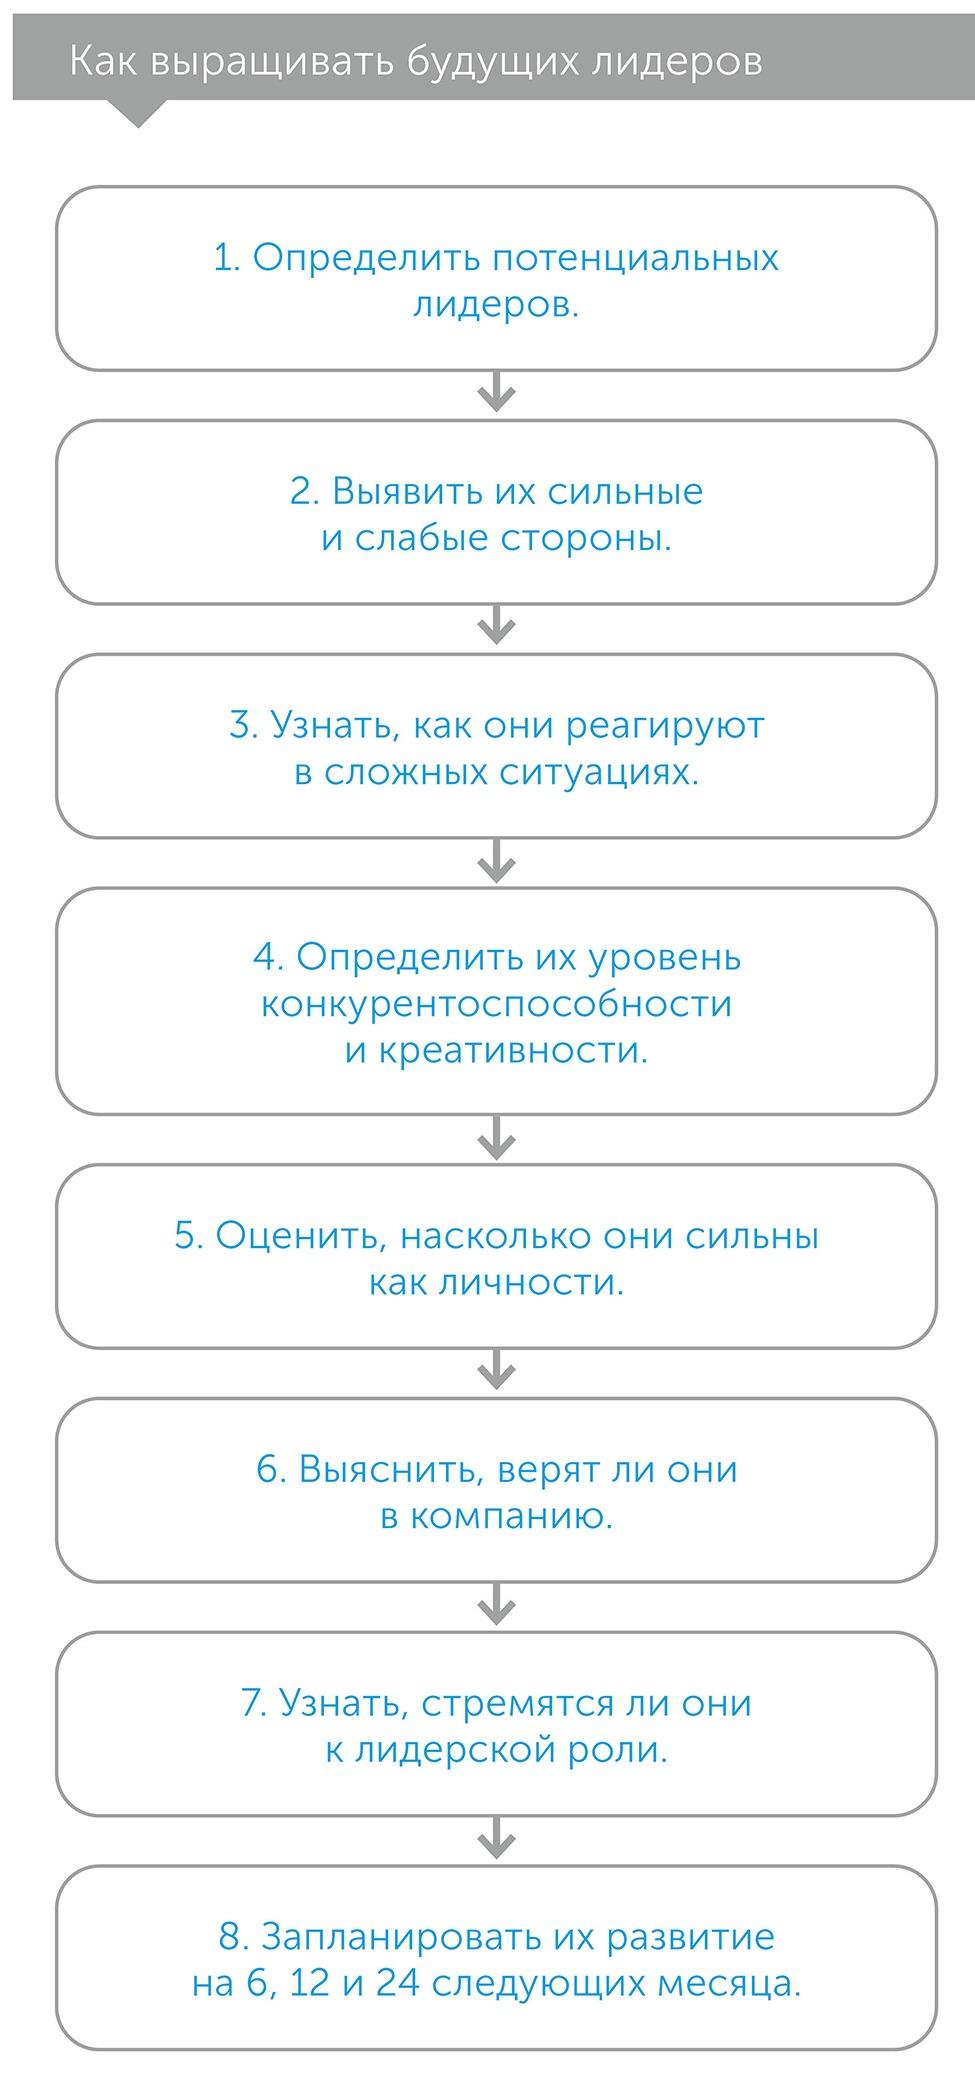 Следующие пять шагов, author Патрик Бет-Дэвид | Kyivstar Business Hub, image №3